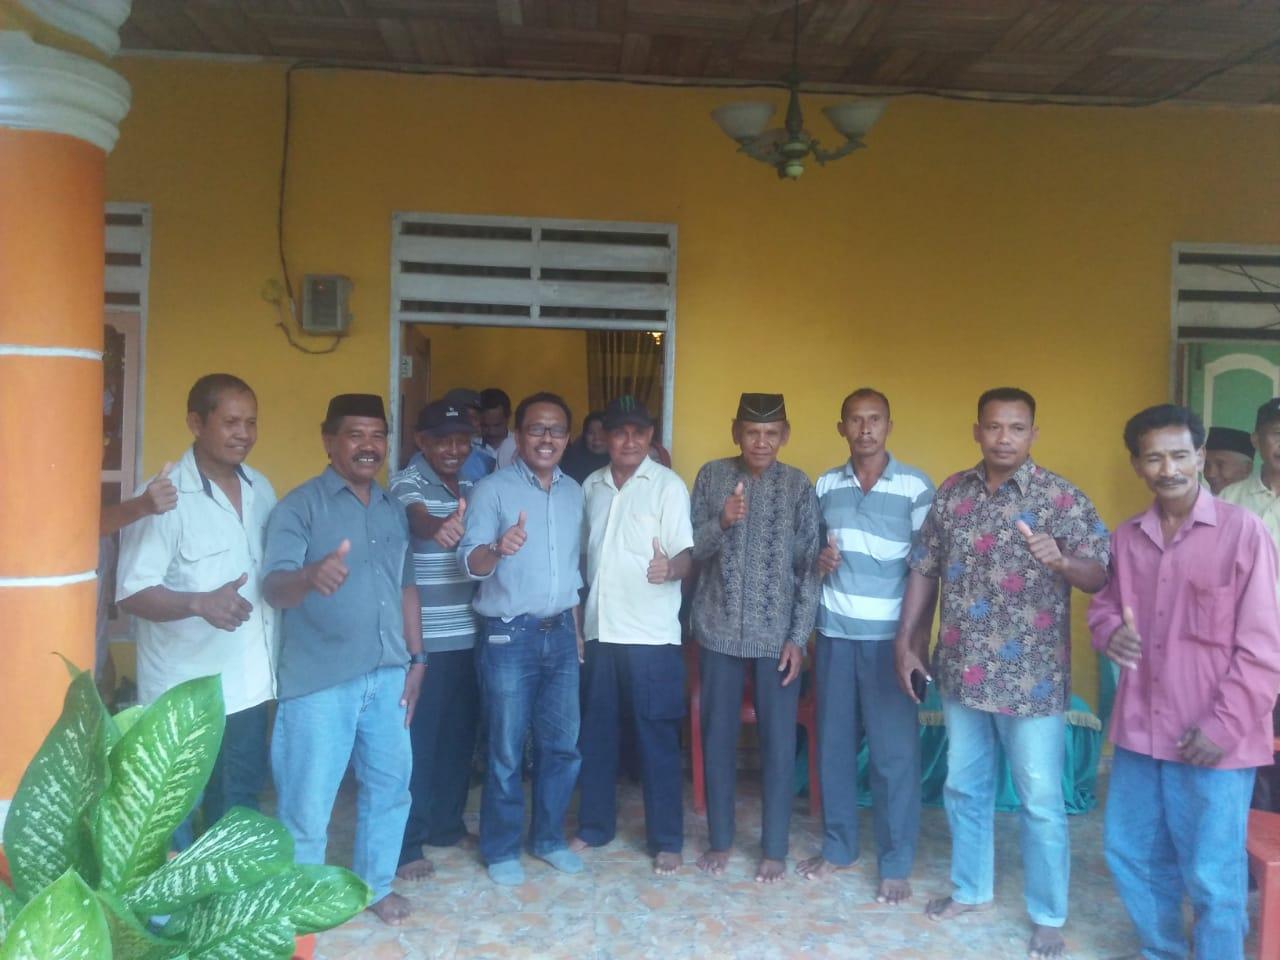 Drs. Syarifuddin silaturahmi dengan masyarakat Desa Labone kecamatan Lasalepa